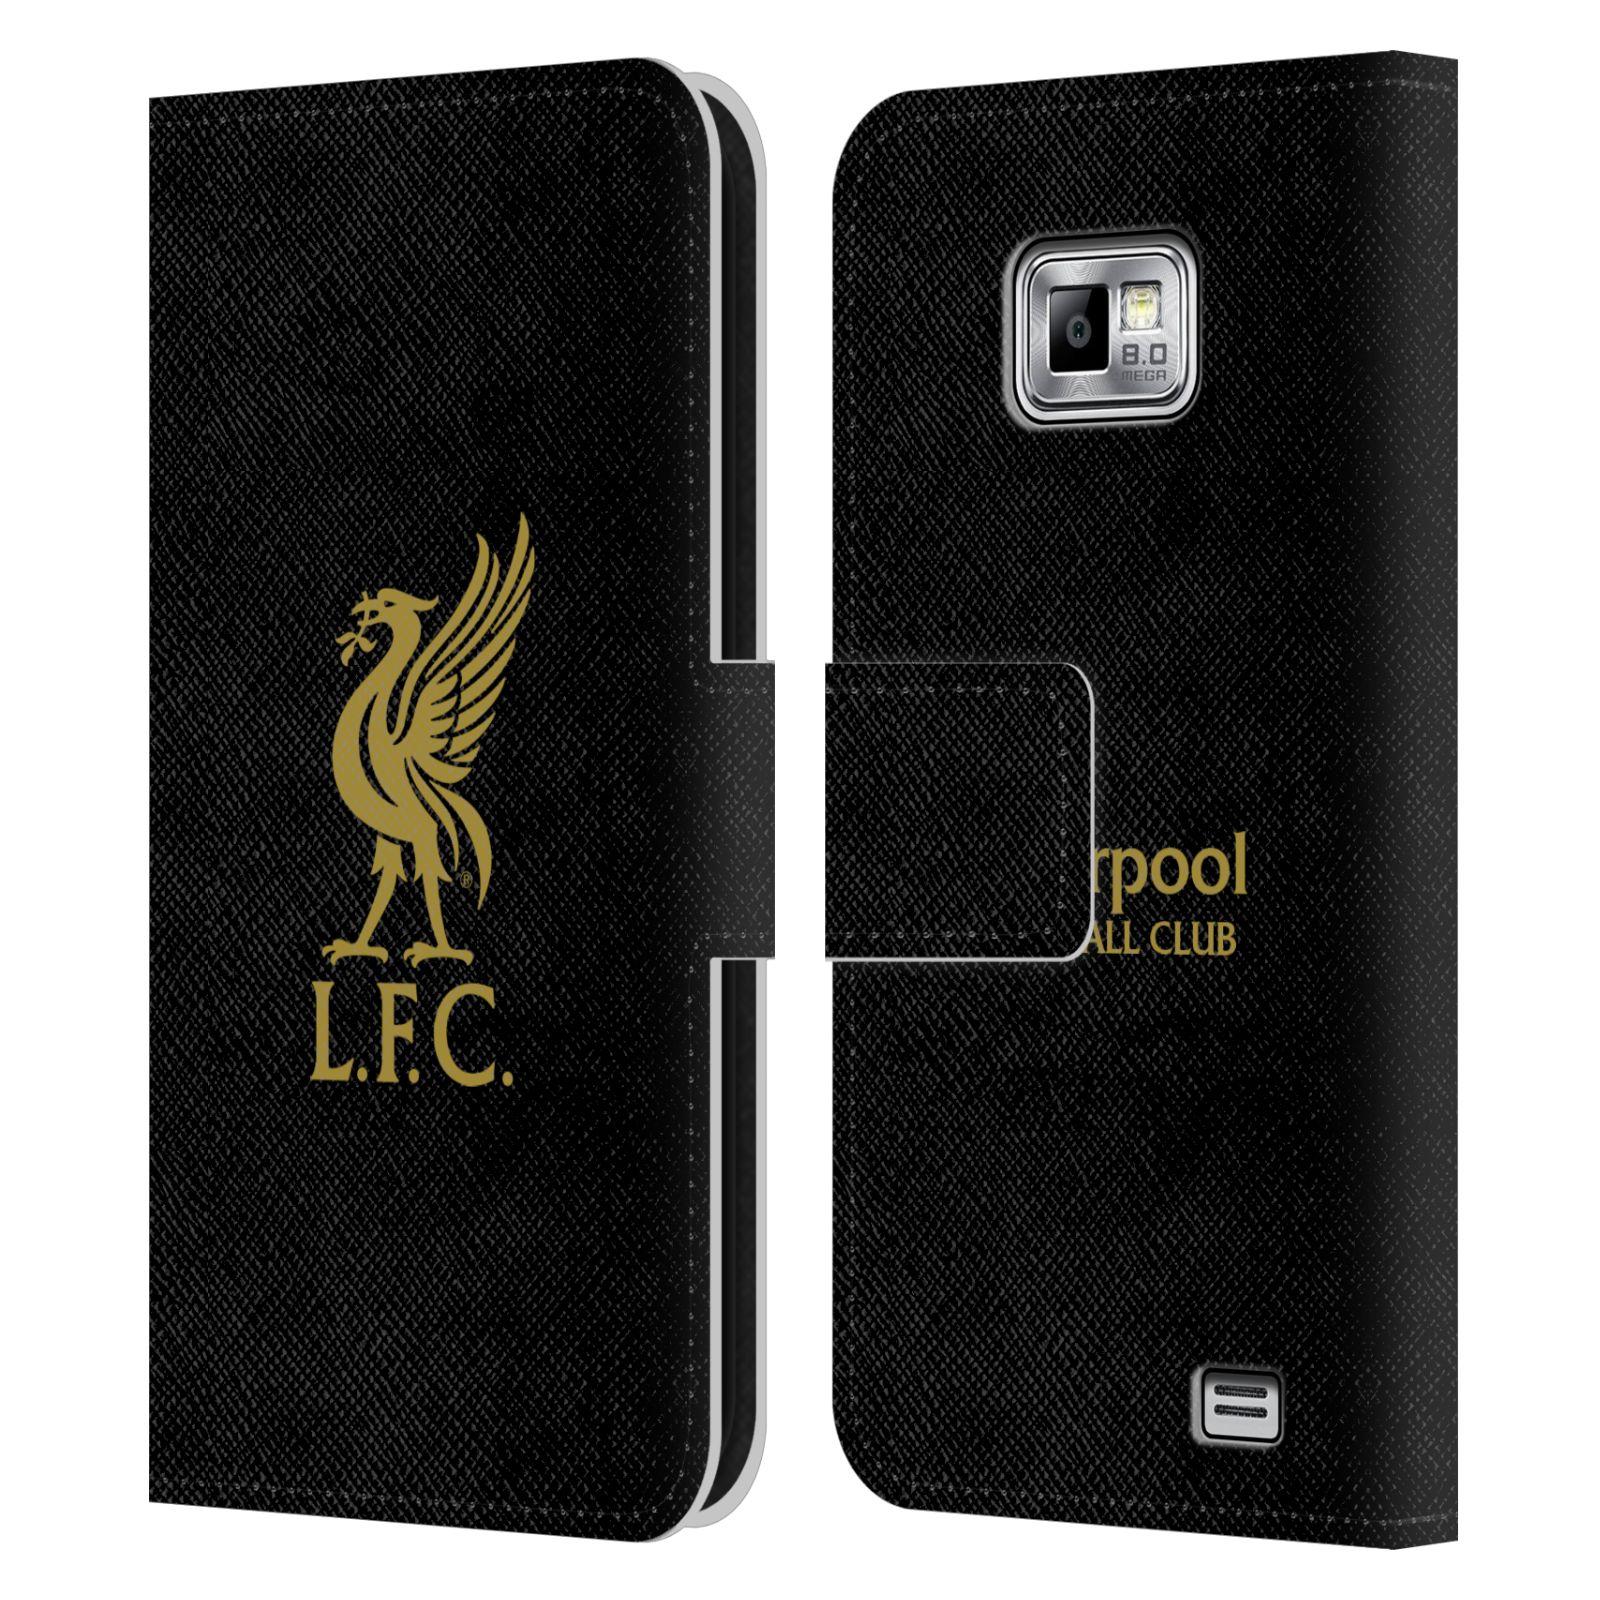 HEAD CASE Flipové pouzdro pro mobil Samsung Galaxy S2 i9100 LIVERPOOL FC OFICIÁLNÍ ZNAK zlatá na černé